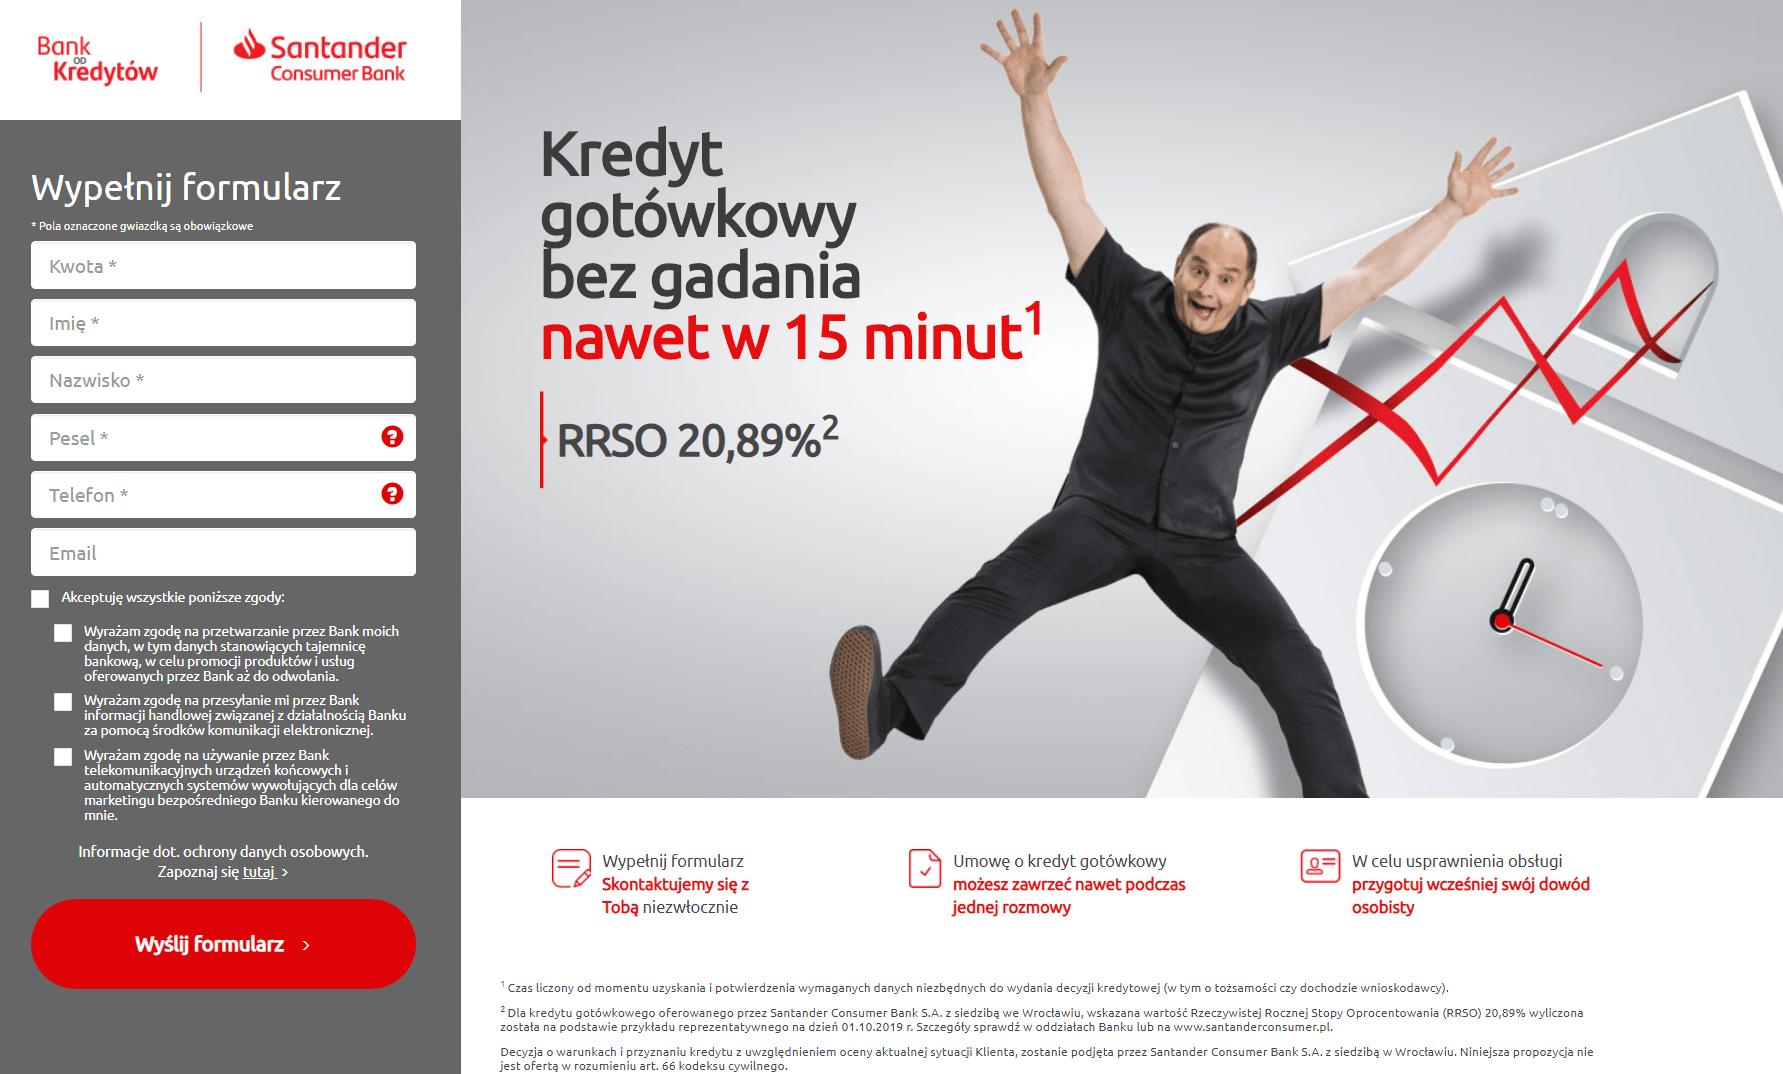 Santander wniosek kredytowy